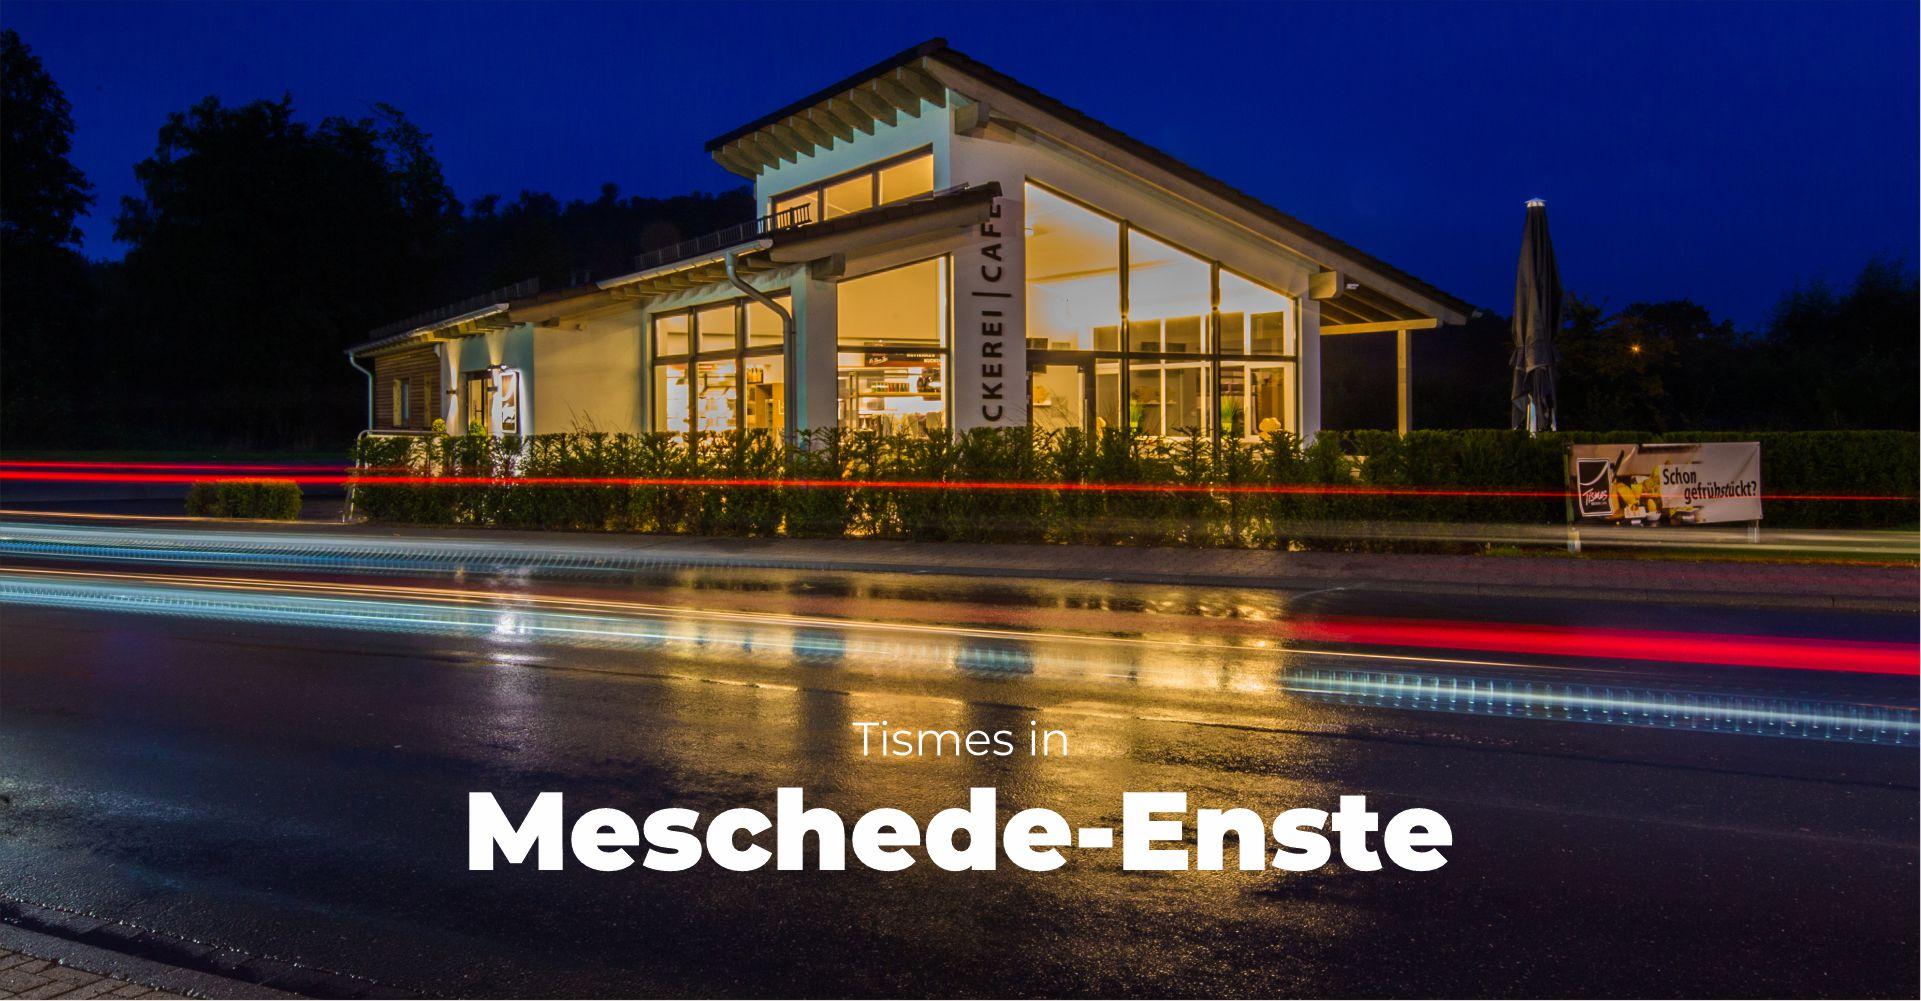 tismes_standorte_meschede_enste